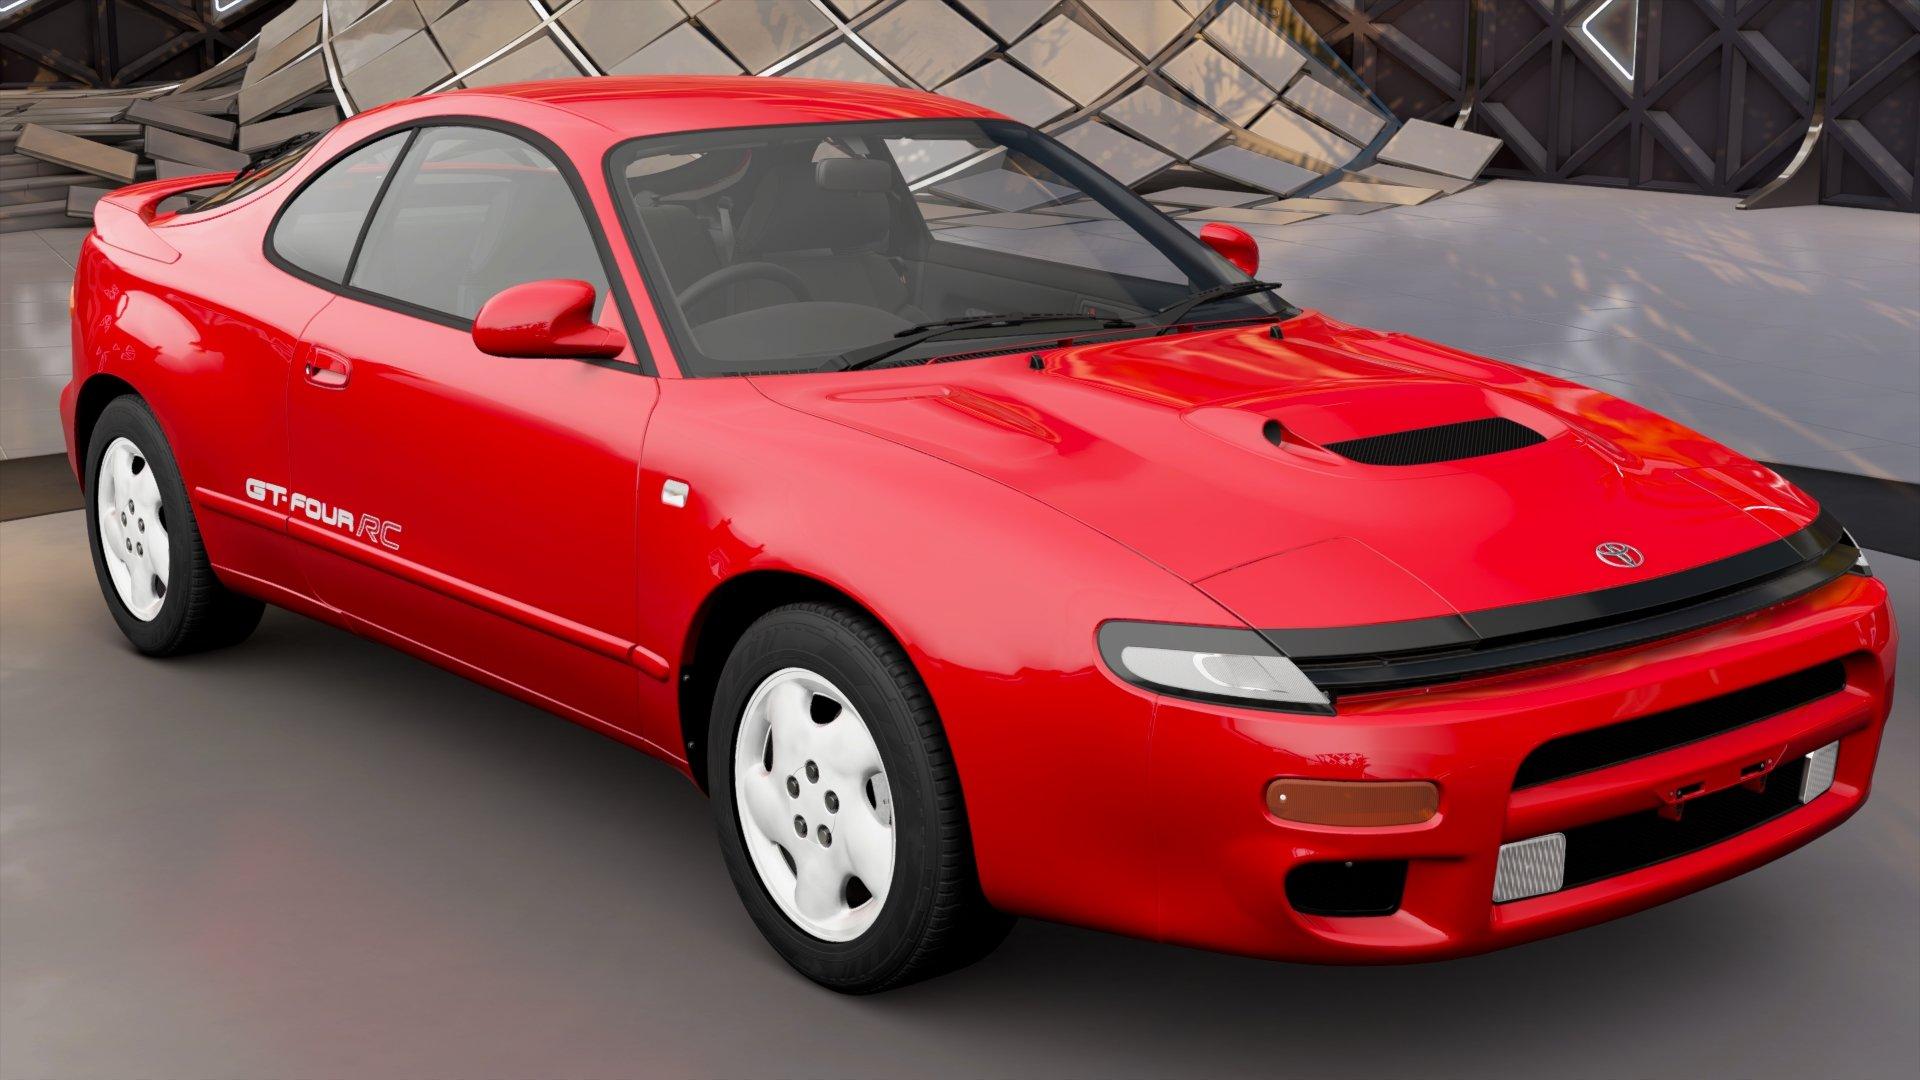 Forza-Horizon-4-Toyota-Celica-GT-Four-RC-ST185